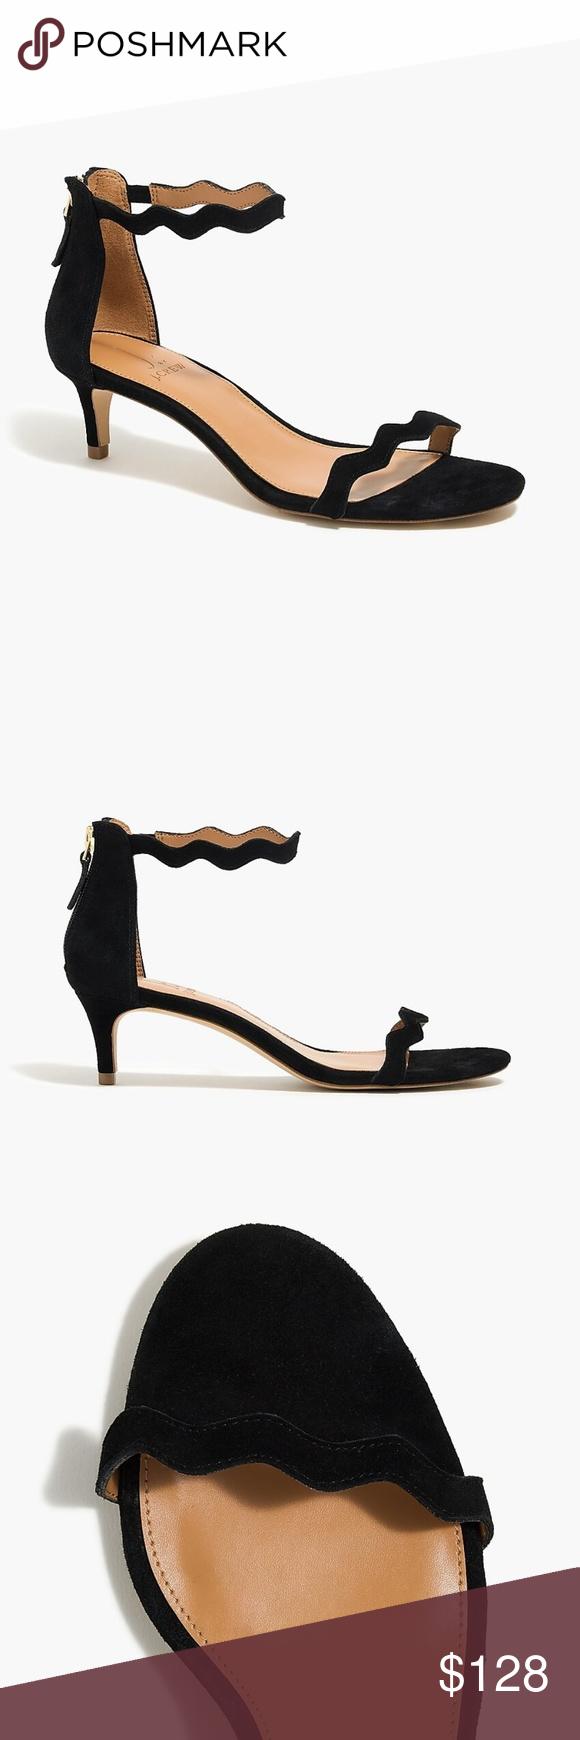 J Crew Scalloped Suede Kitten Heels Shoes Women Heels Kitten Heels Heels